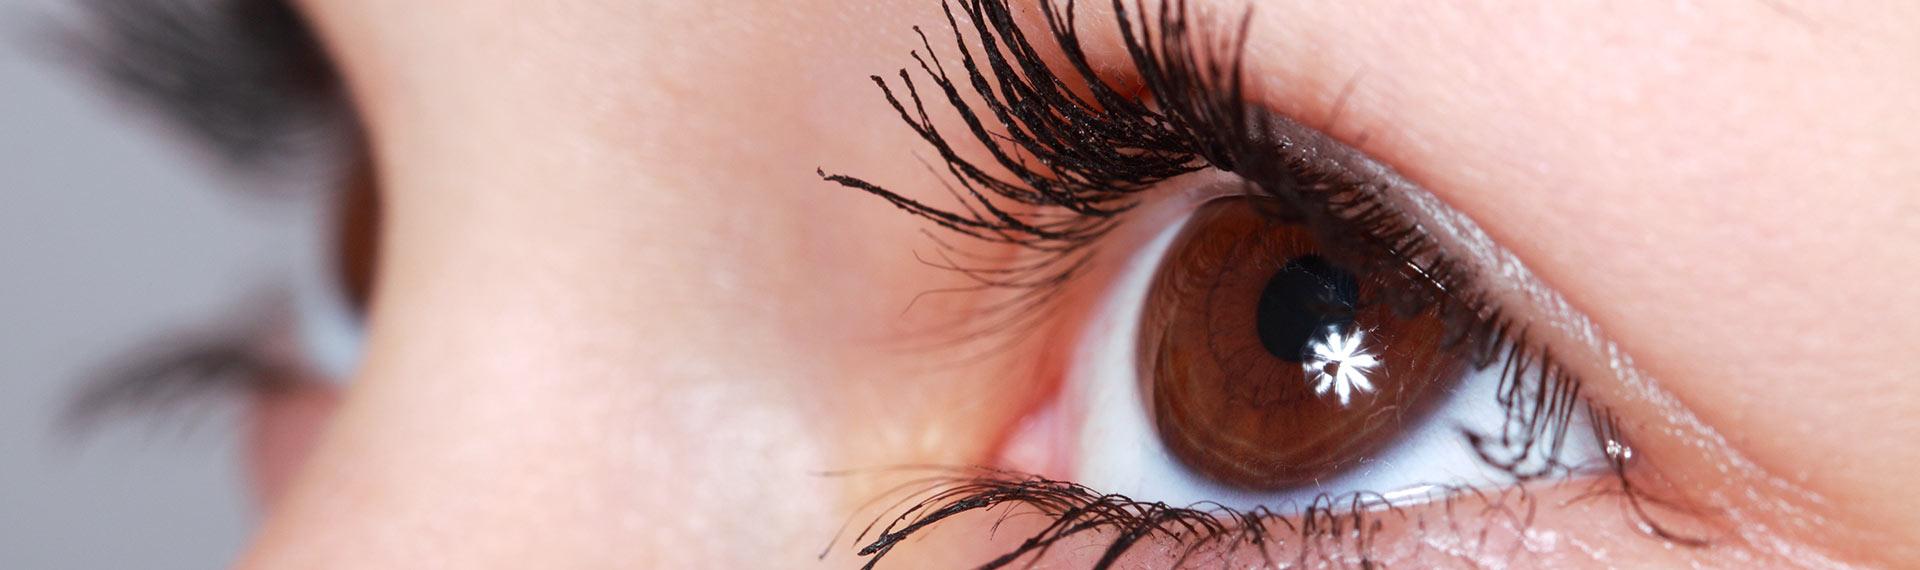 Cara Menghindari Kerusakan Mata Setelah Memakai Gadget Terlalu Lama